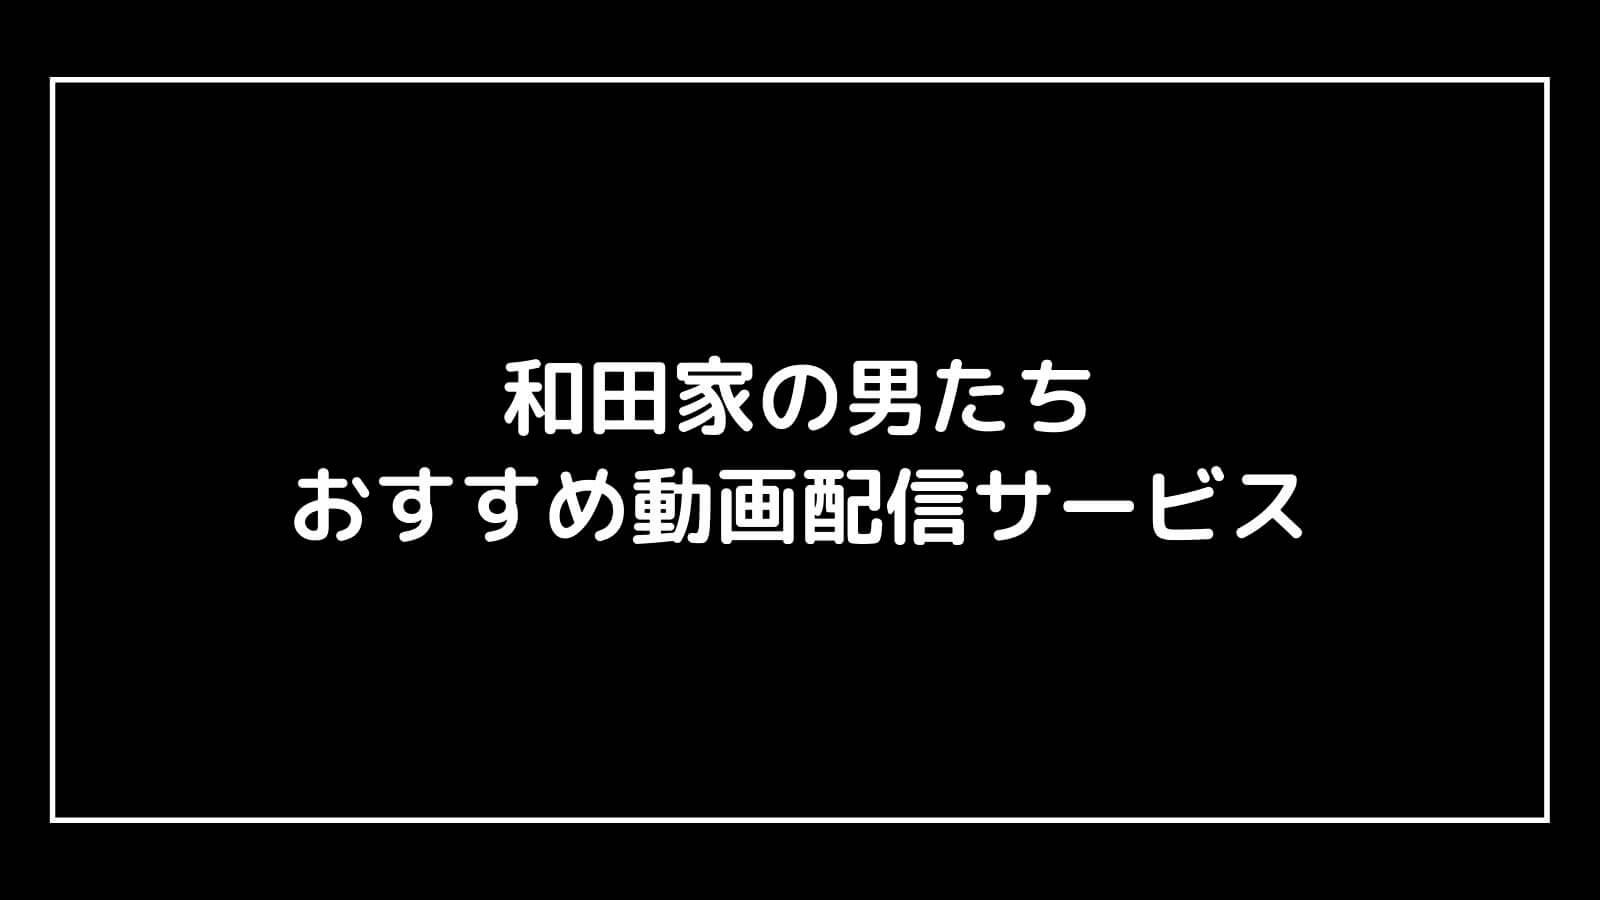 ドラマ『和田家の男たち』を無料視聴できる見逃し動画配信サブスクまとめ